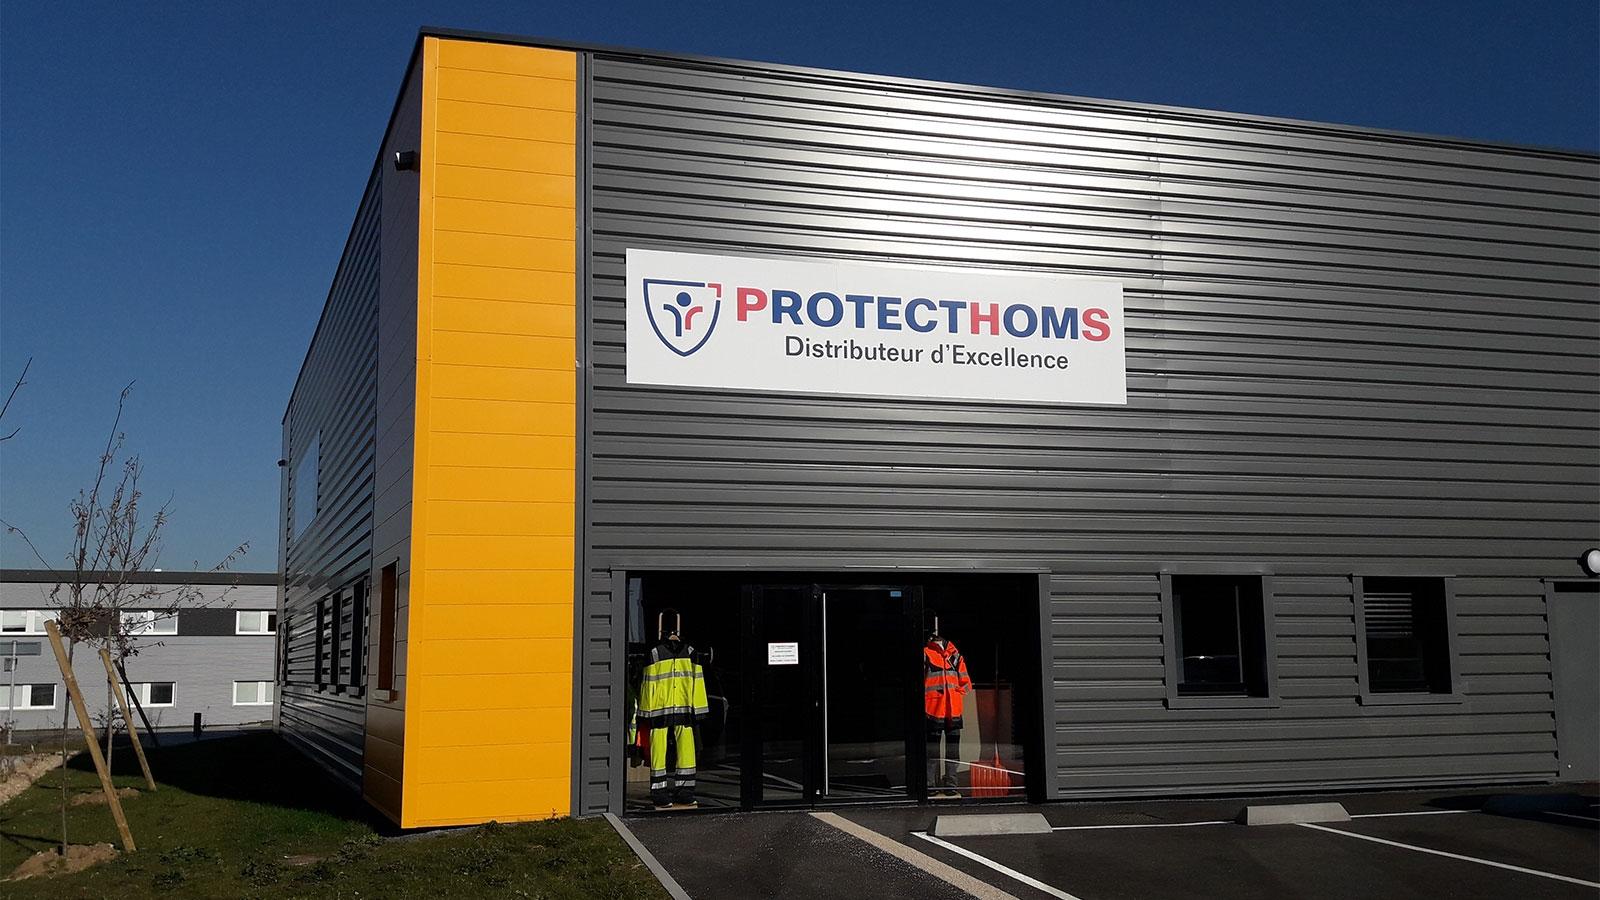 facade agence protecthoms caen-distributeur epi premium